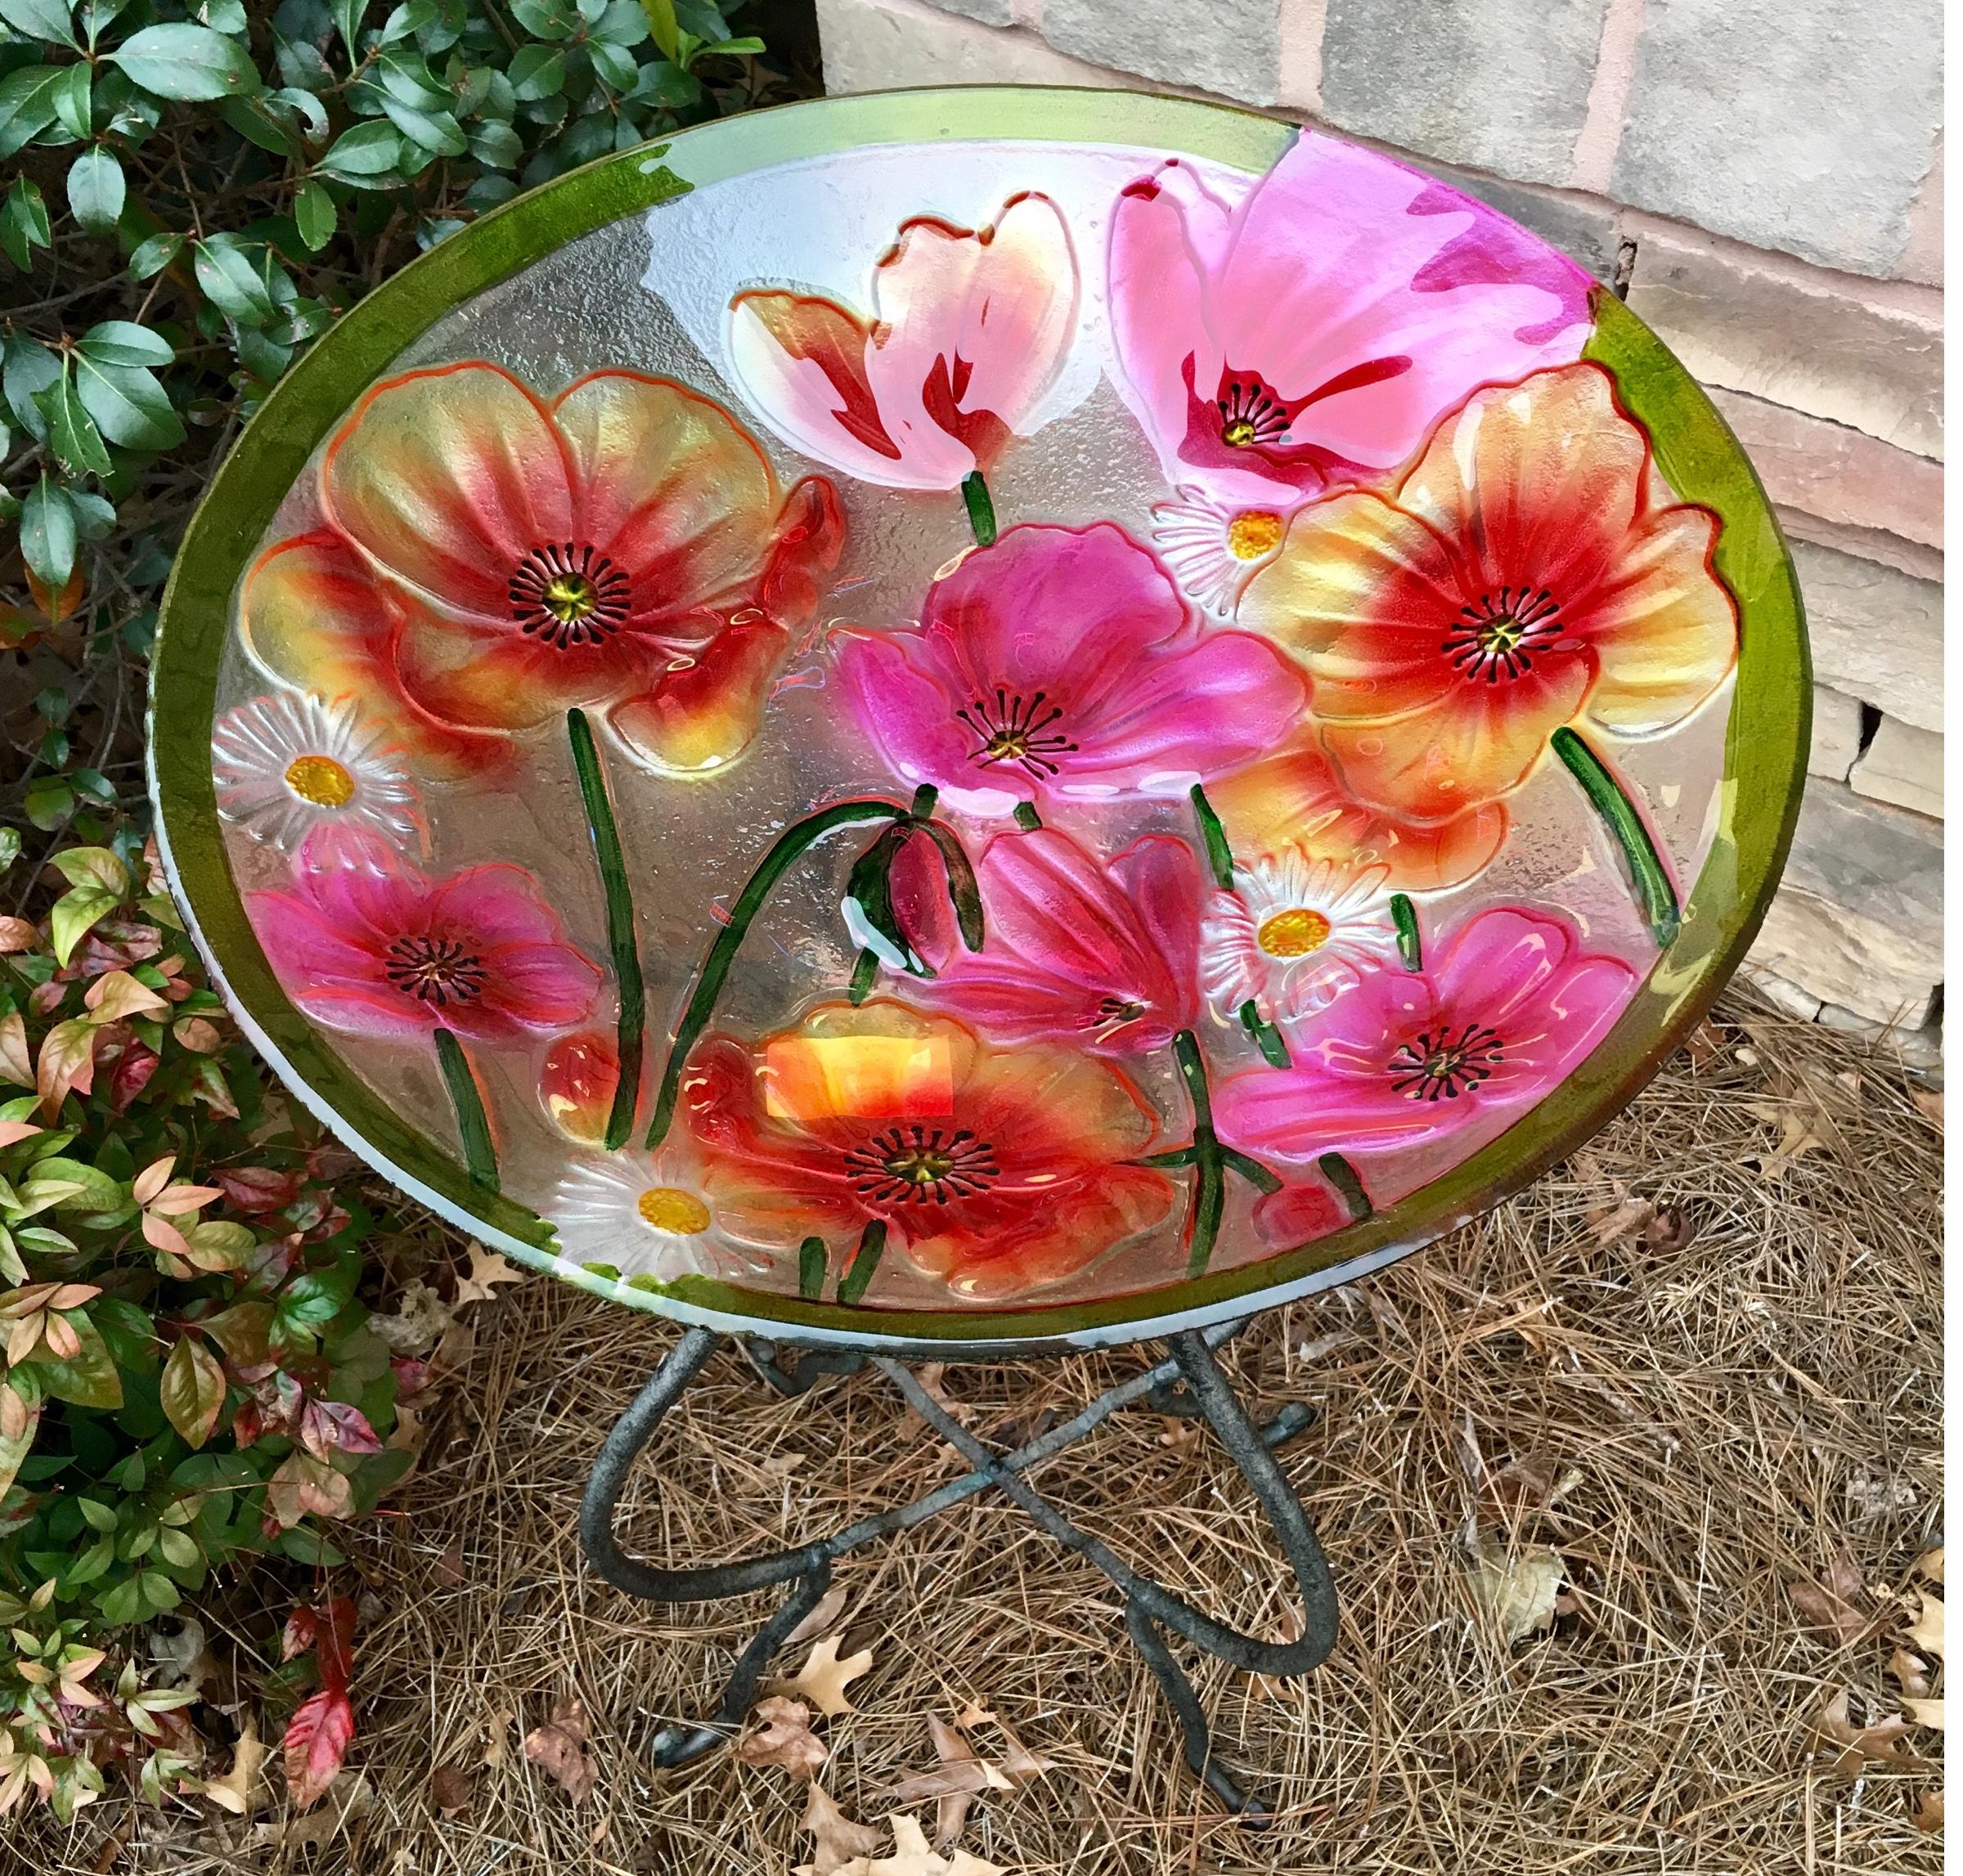 bird bath, glass, poppies, floral, garden